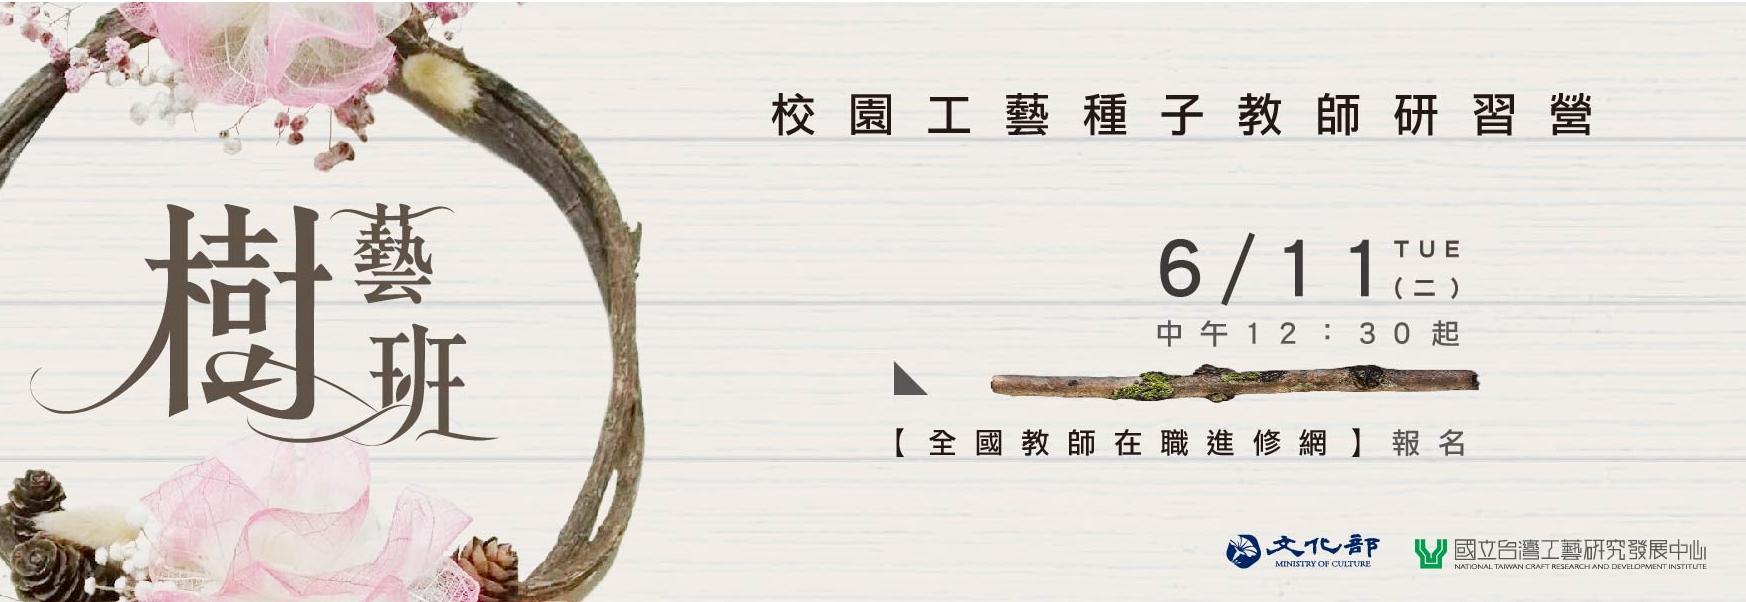 校園工藝種子教師研習營—樹藝班[另開新視窗]